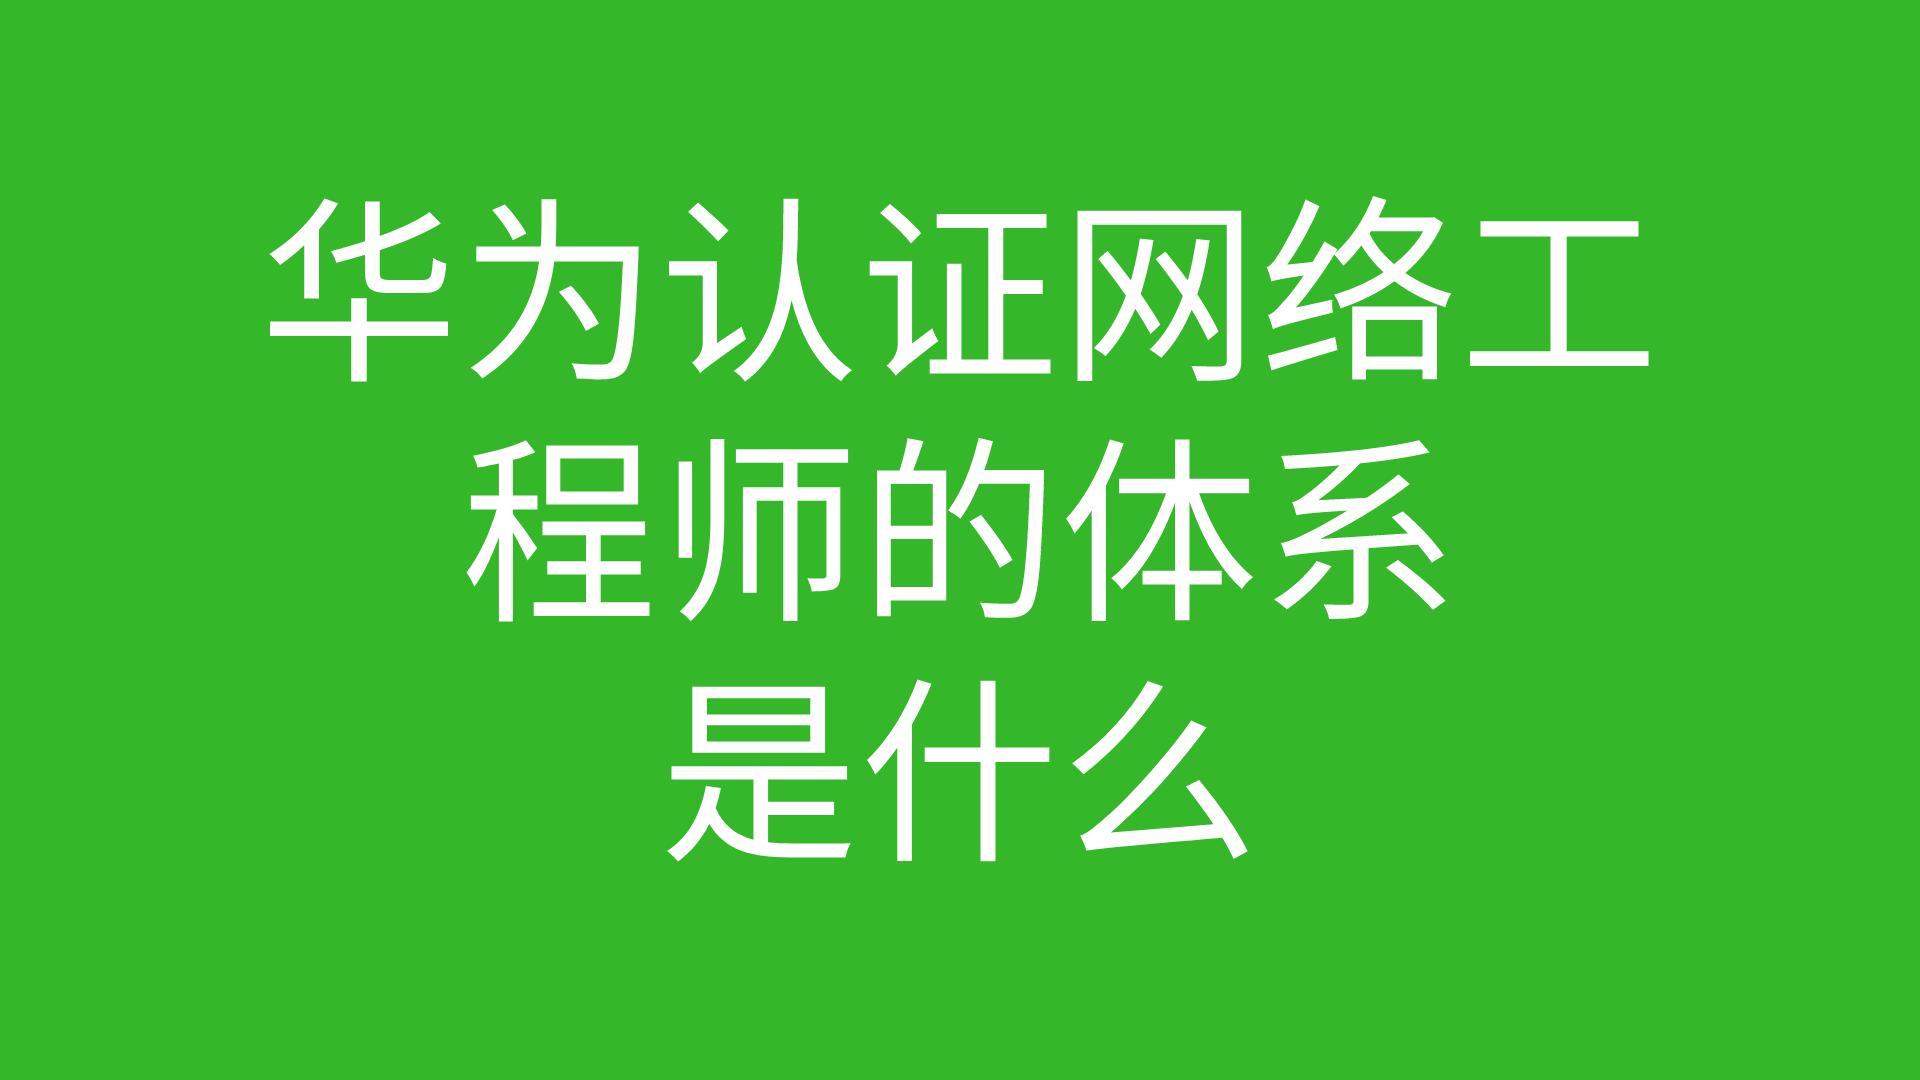 华为认证网络工程师的体系是什么